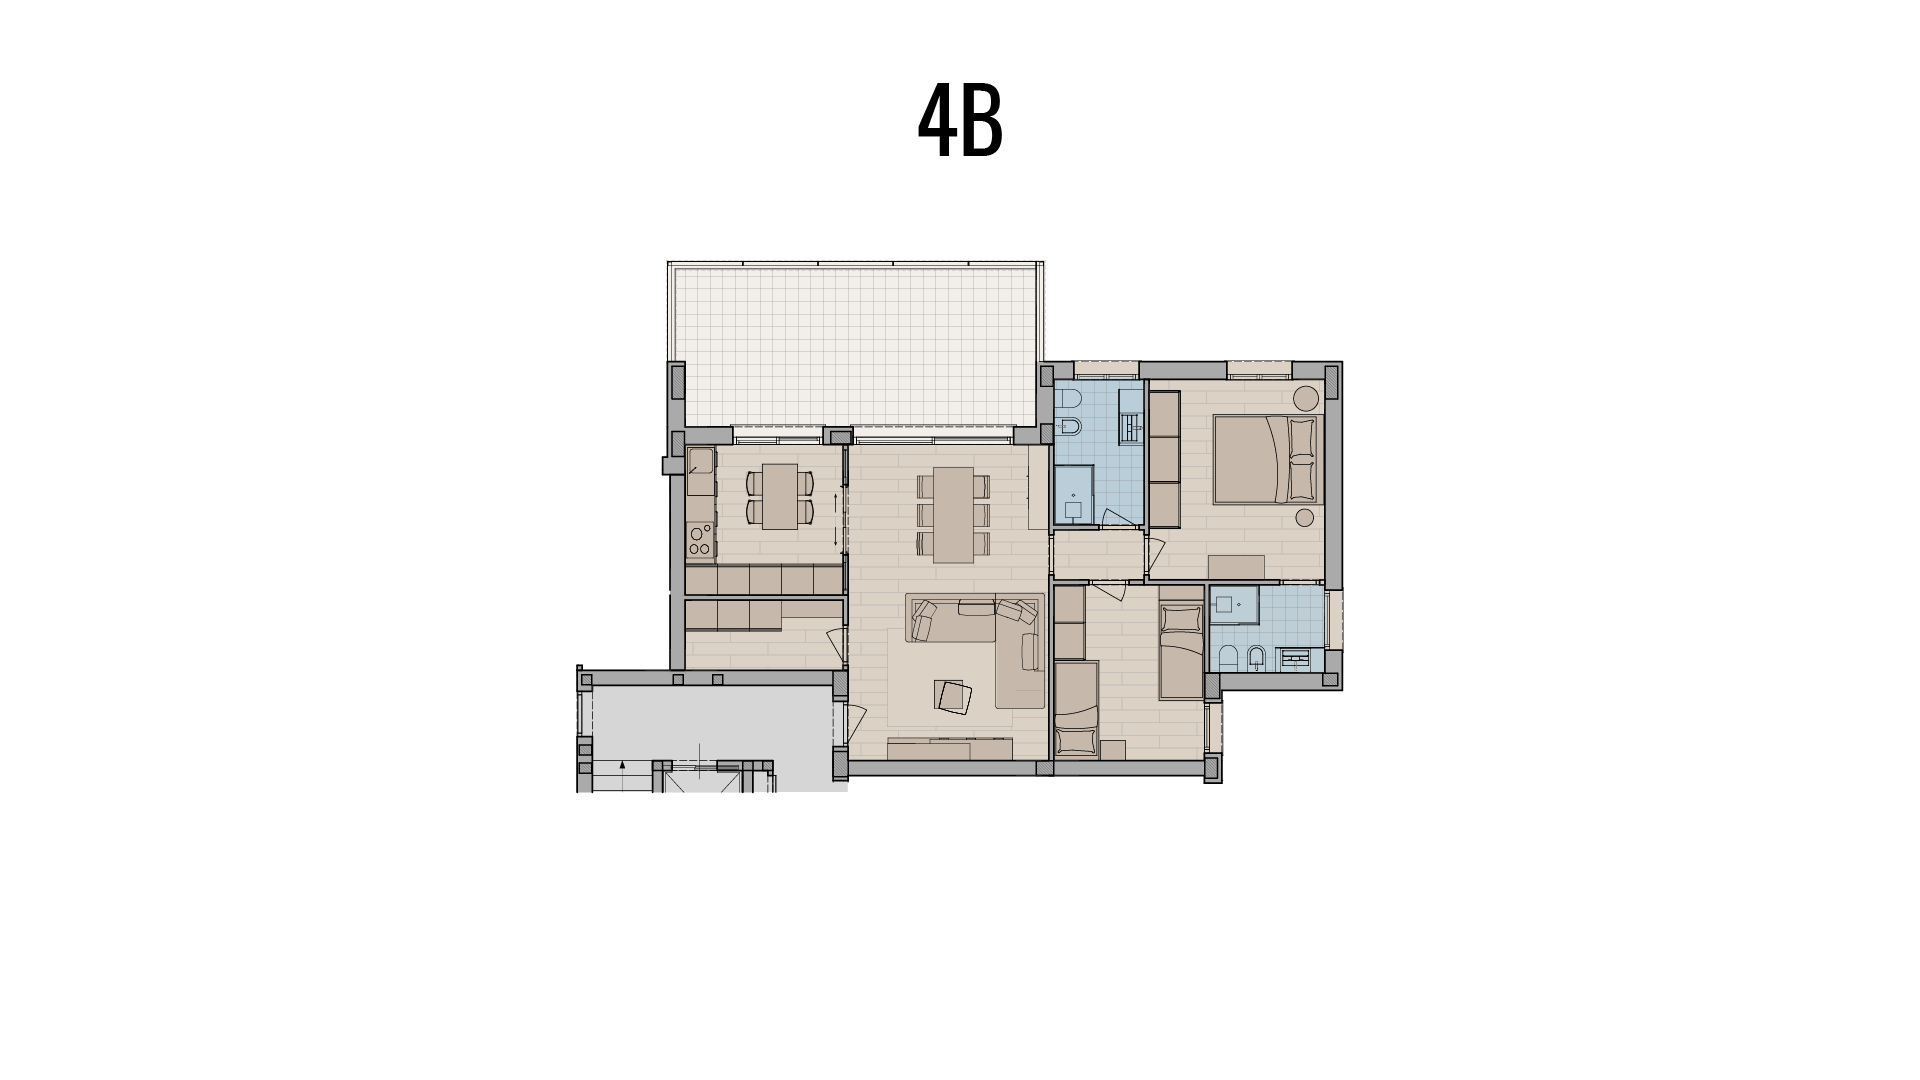 appartamento 3 locali in vendita a Treviglio